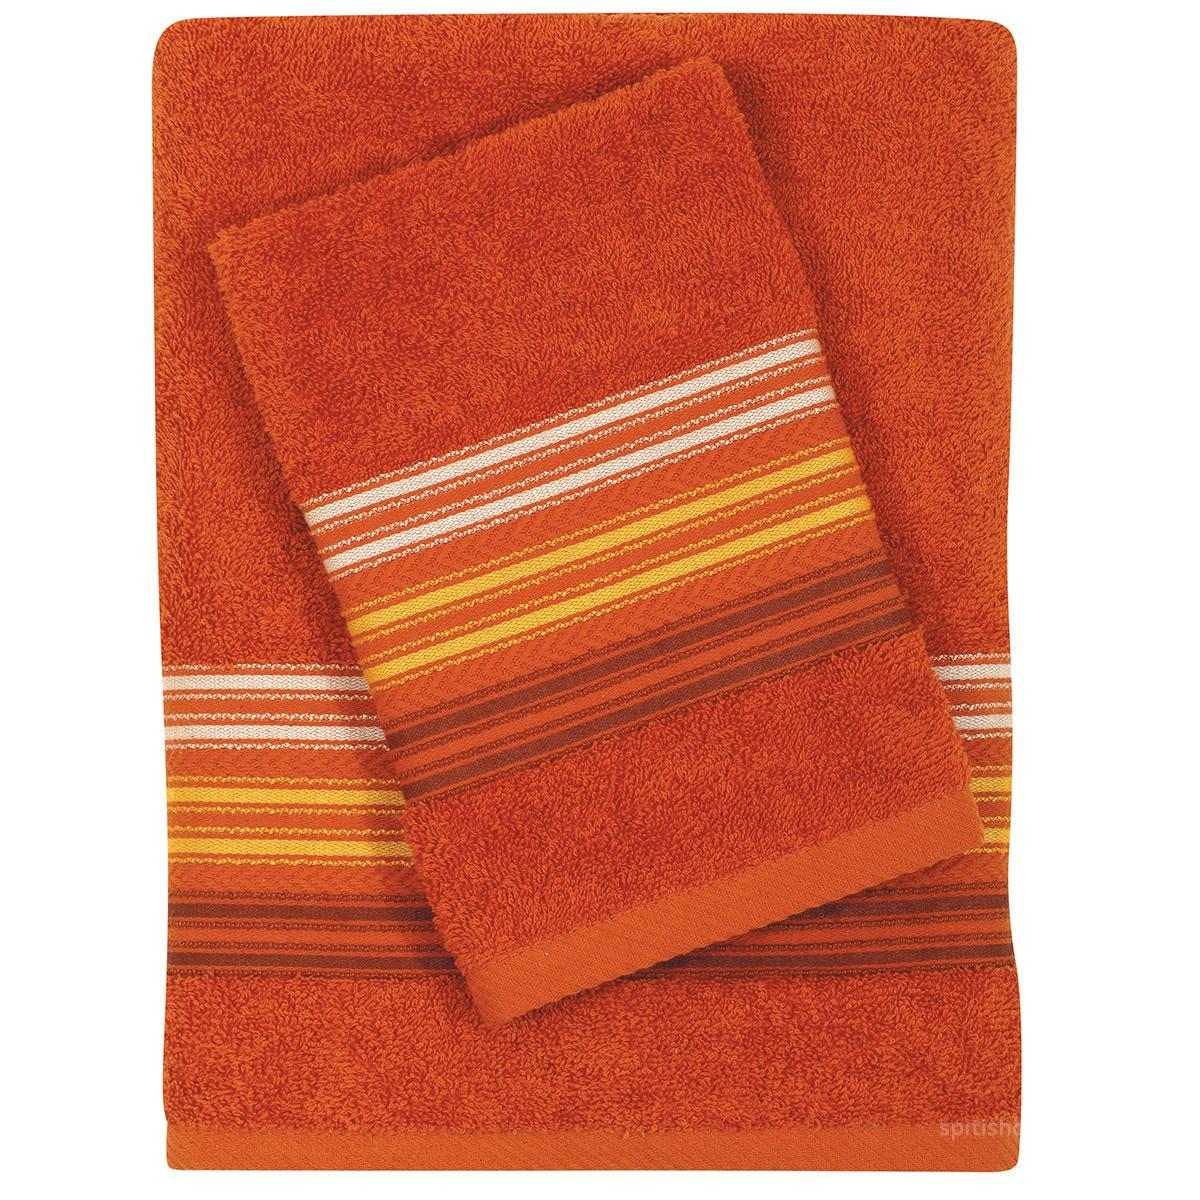 Πετσέτες Μπάνιου (Σετ 3τμχ) Das Home Best 342 89992